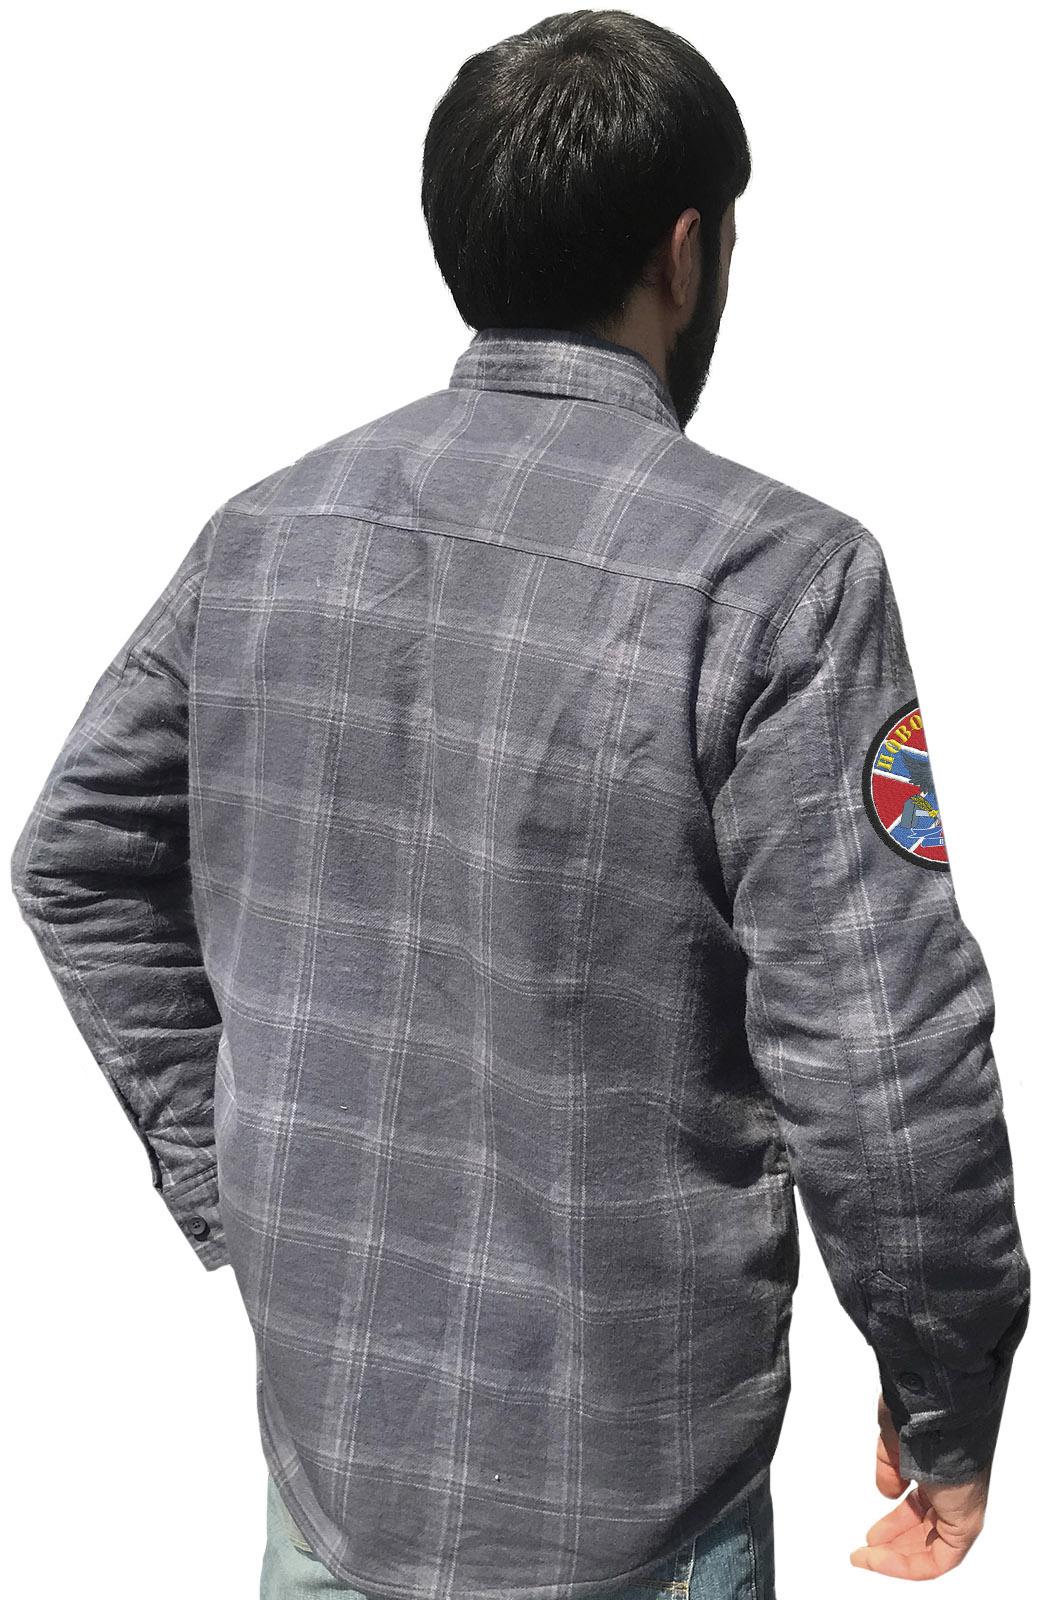 Купить крутую мужскую рубашку с вышитым флагом и гербом Новороссии оптом выгодно